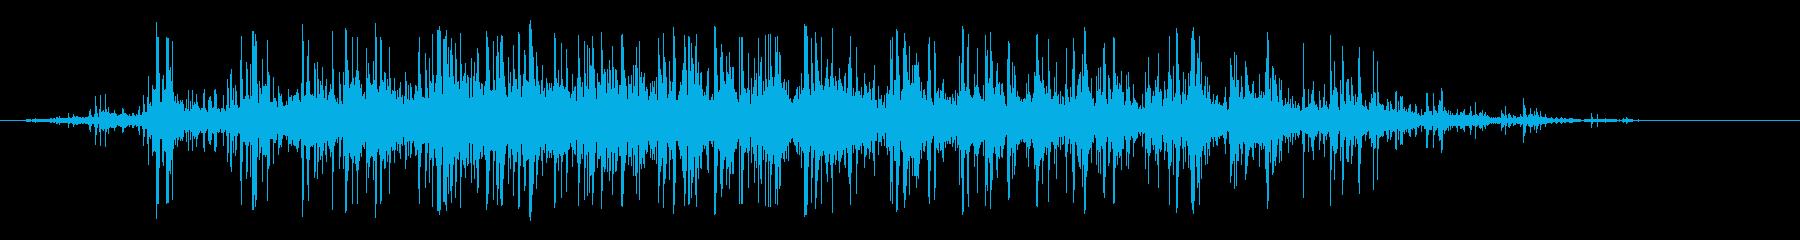 少人数の拍手の再生済みの波形